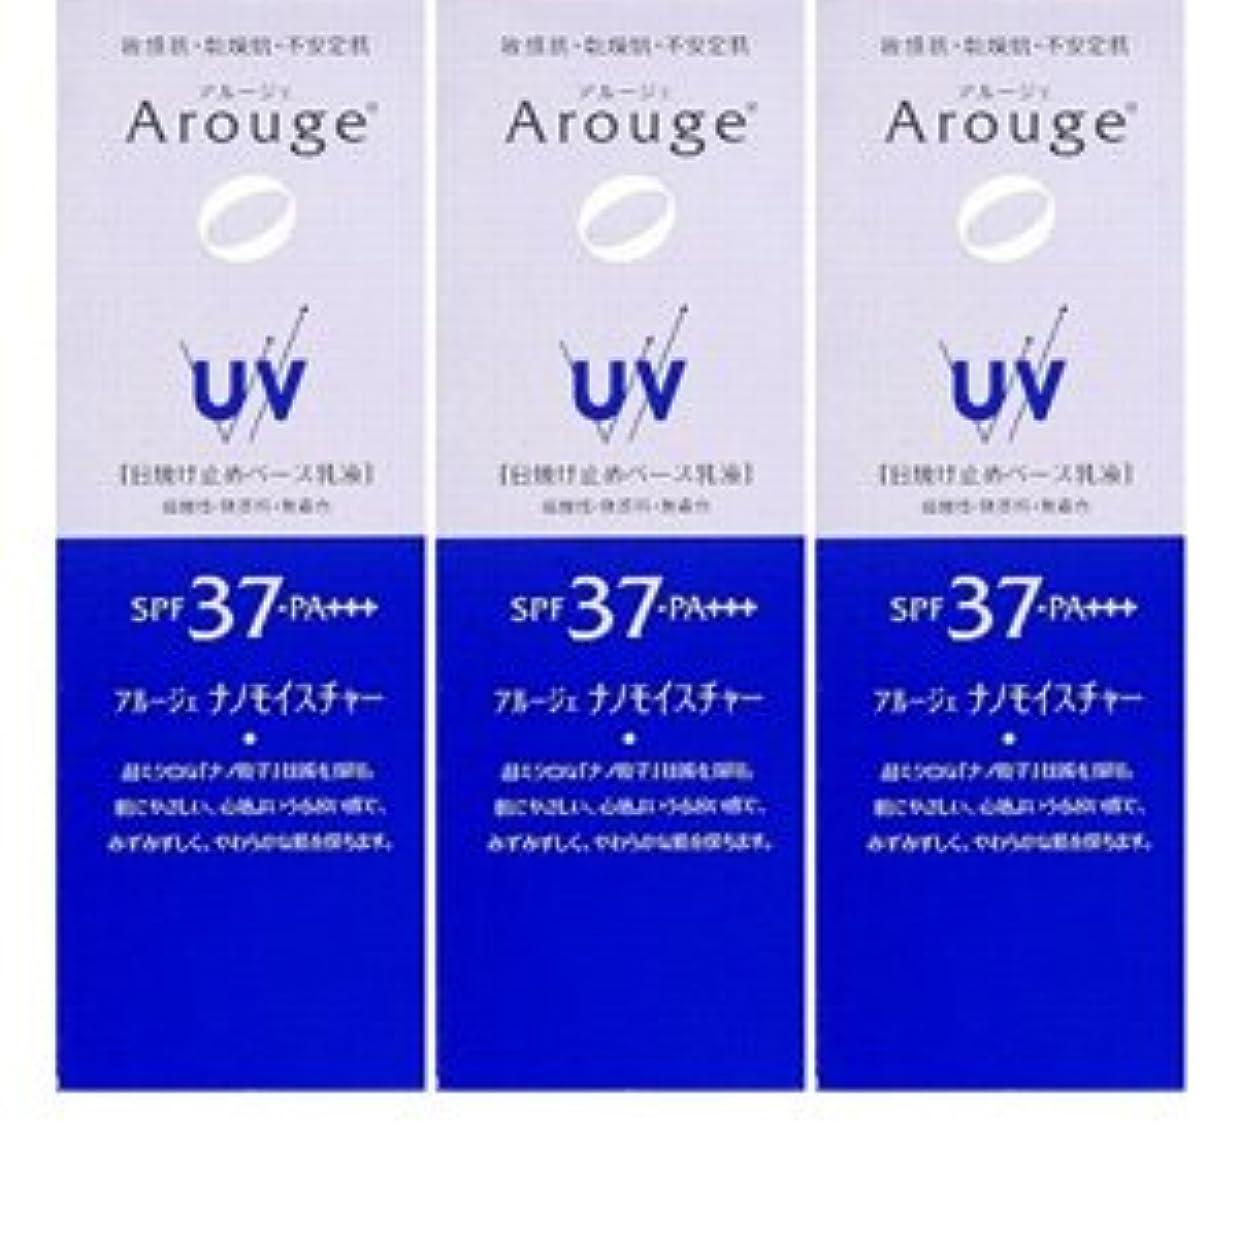 お勧め無許可チップ【3個】アルージェ UVプロテクトビューティーアップ 25gx3個(4987305952912)